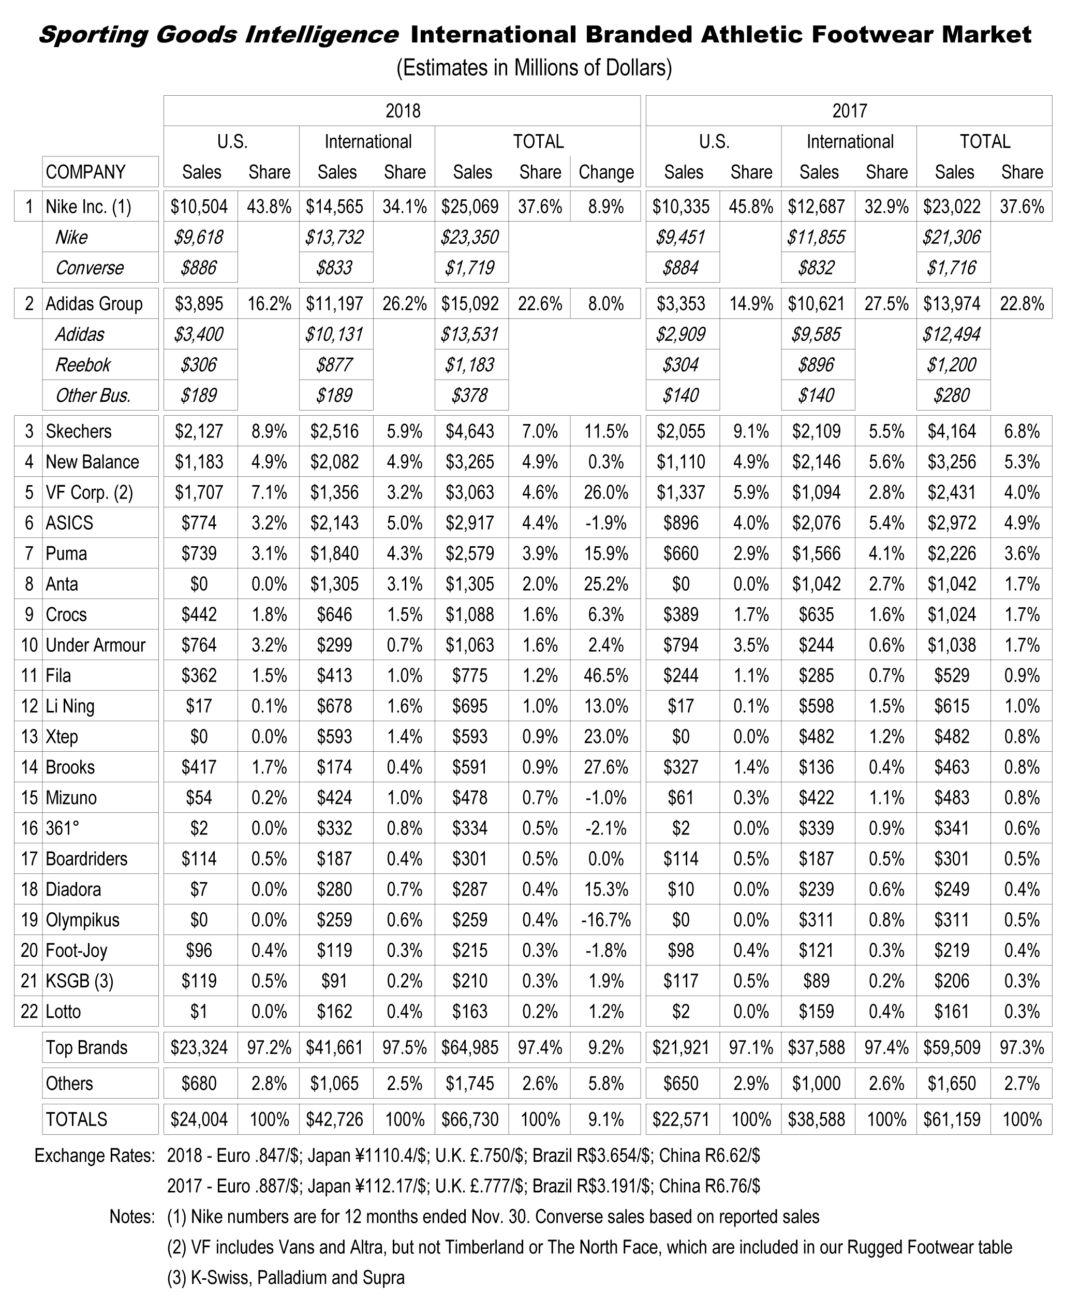 table estadística sobre el mercado del calzado deportivo en el mundo